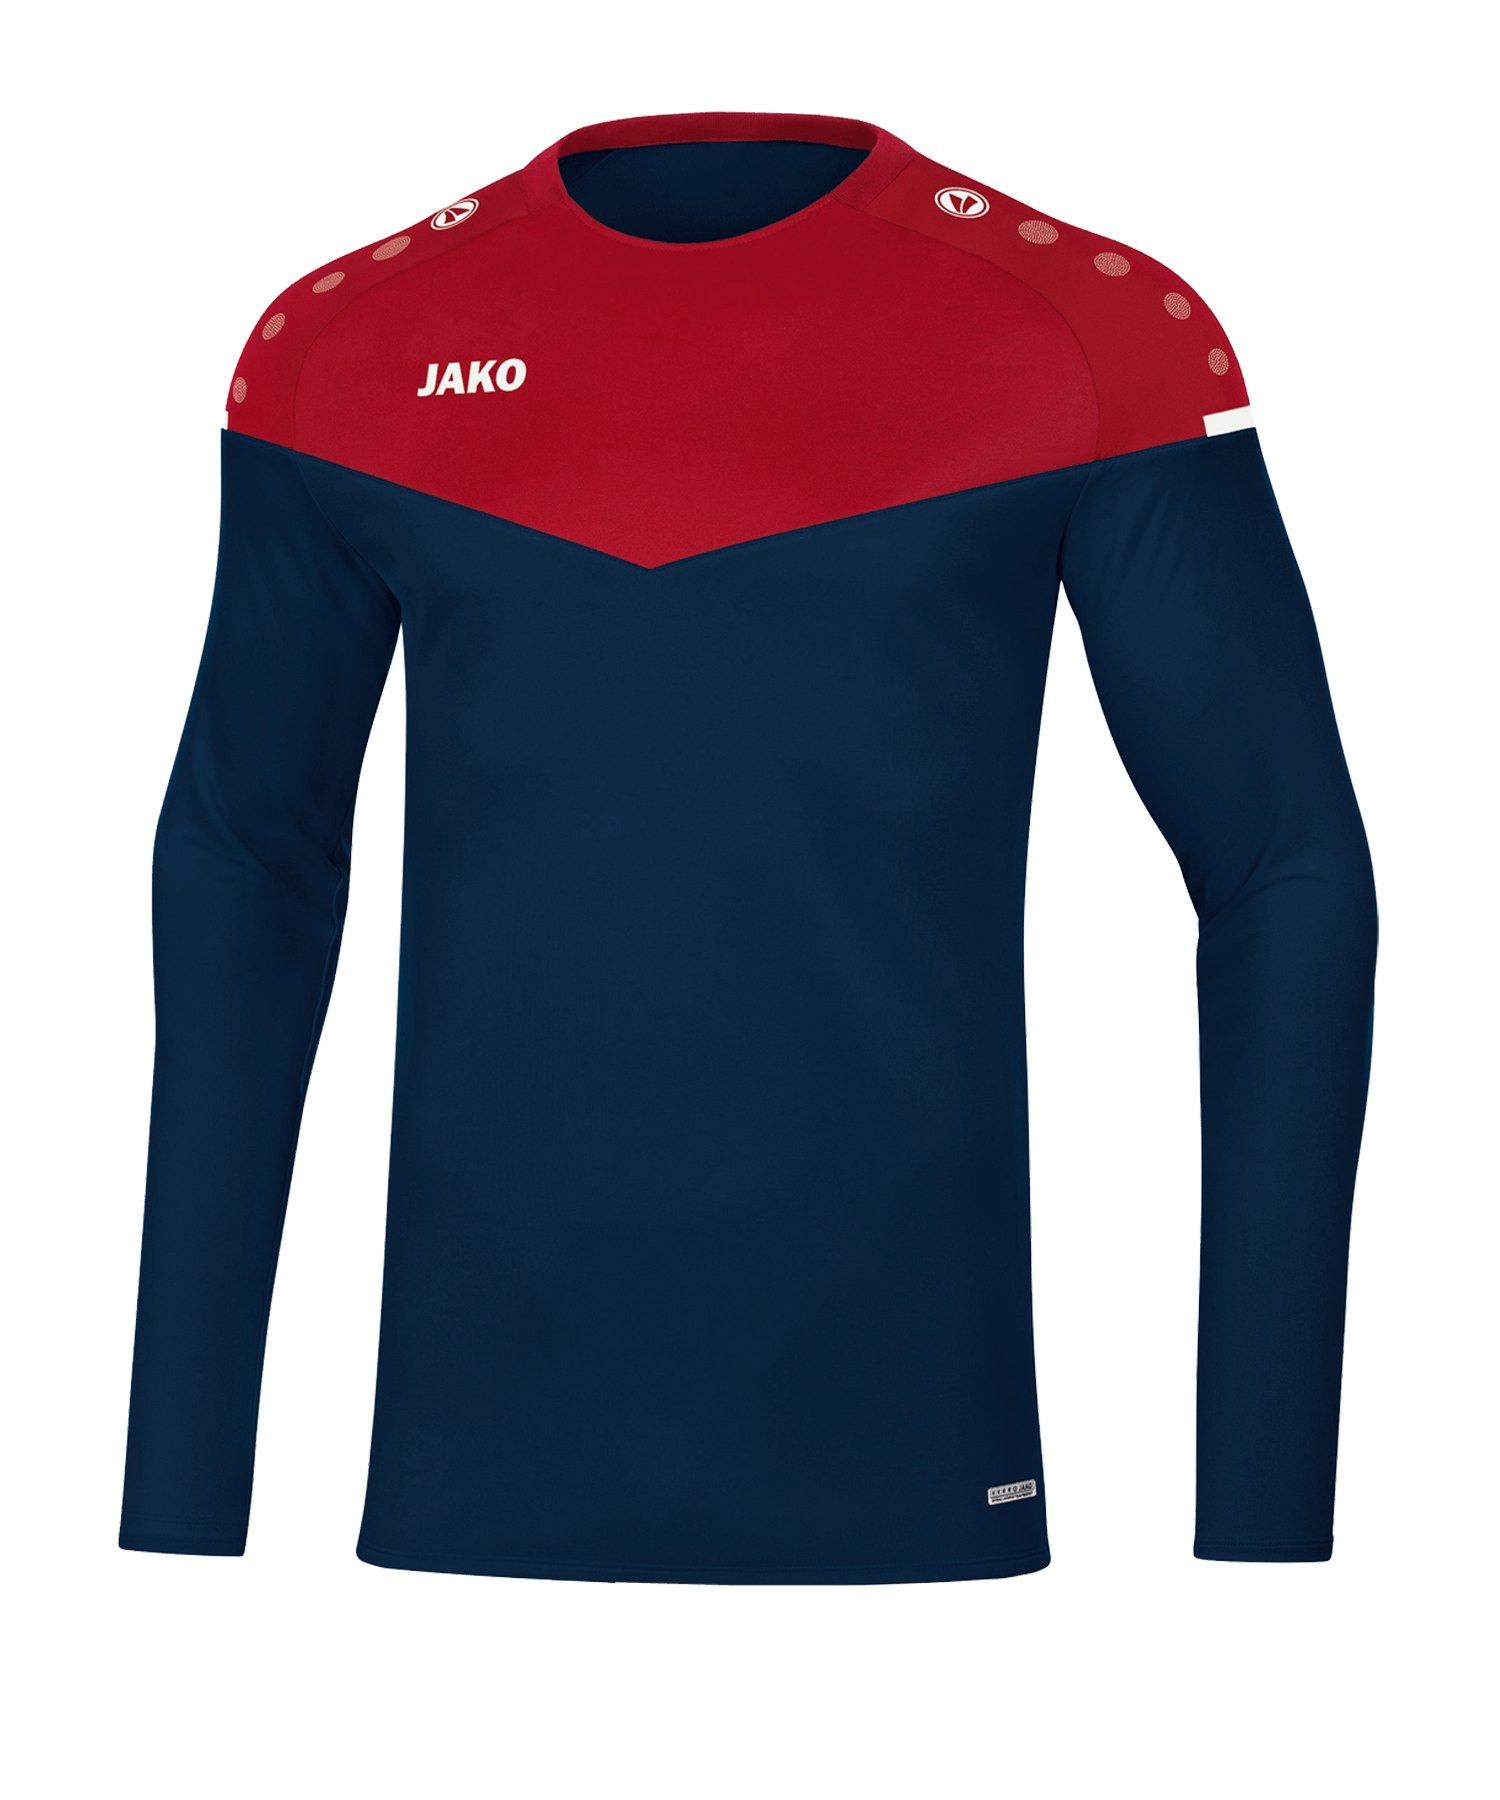 Jako Champ 2.0 Sweatshirt Blau F91 - blau